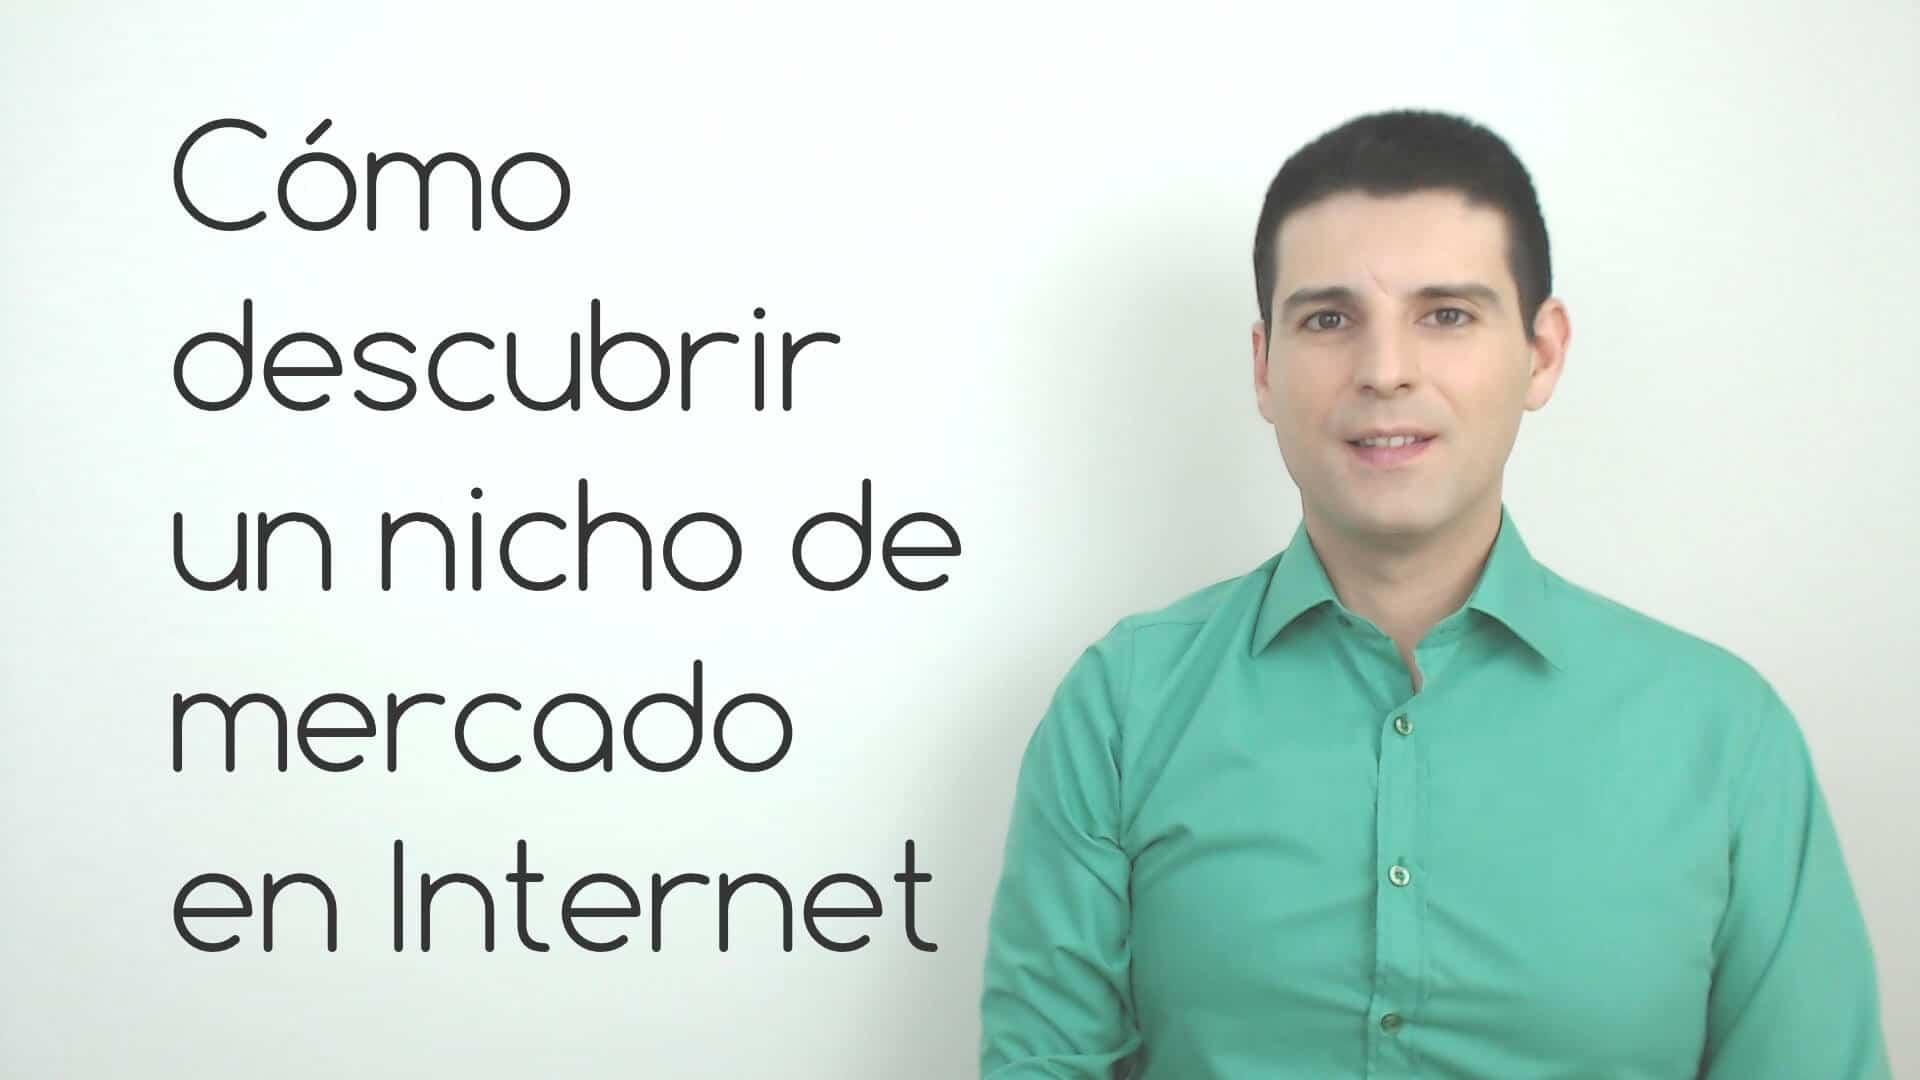 Cómo descubrir un nicho de mercado en Internet